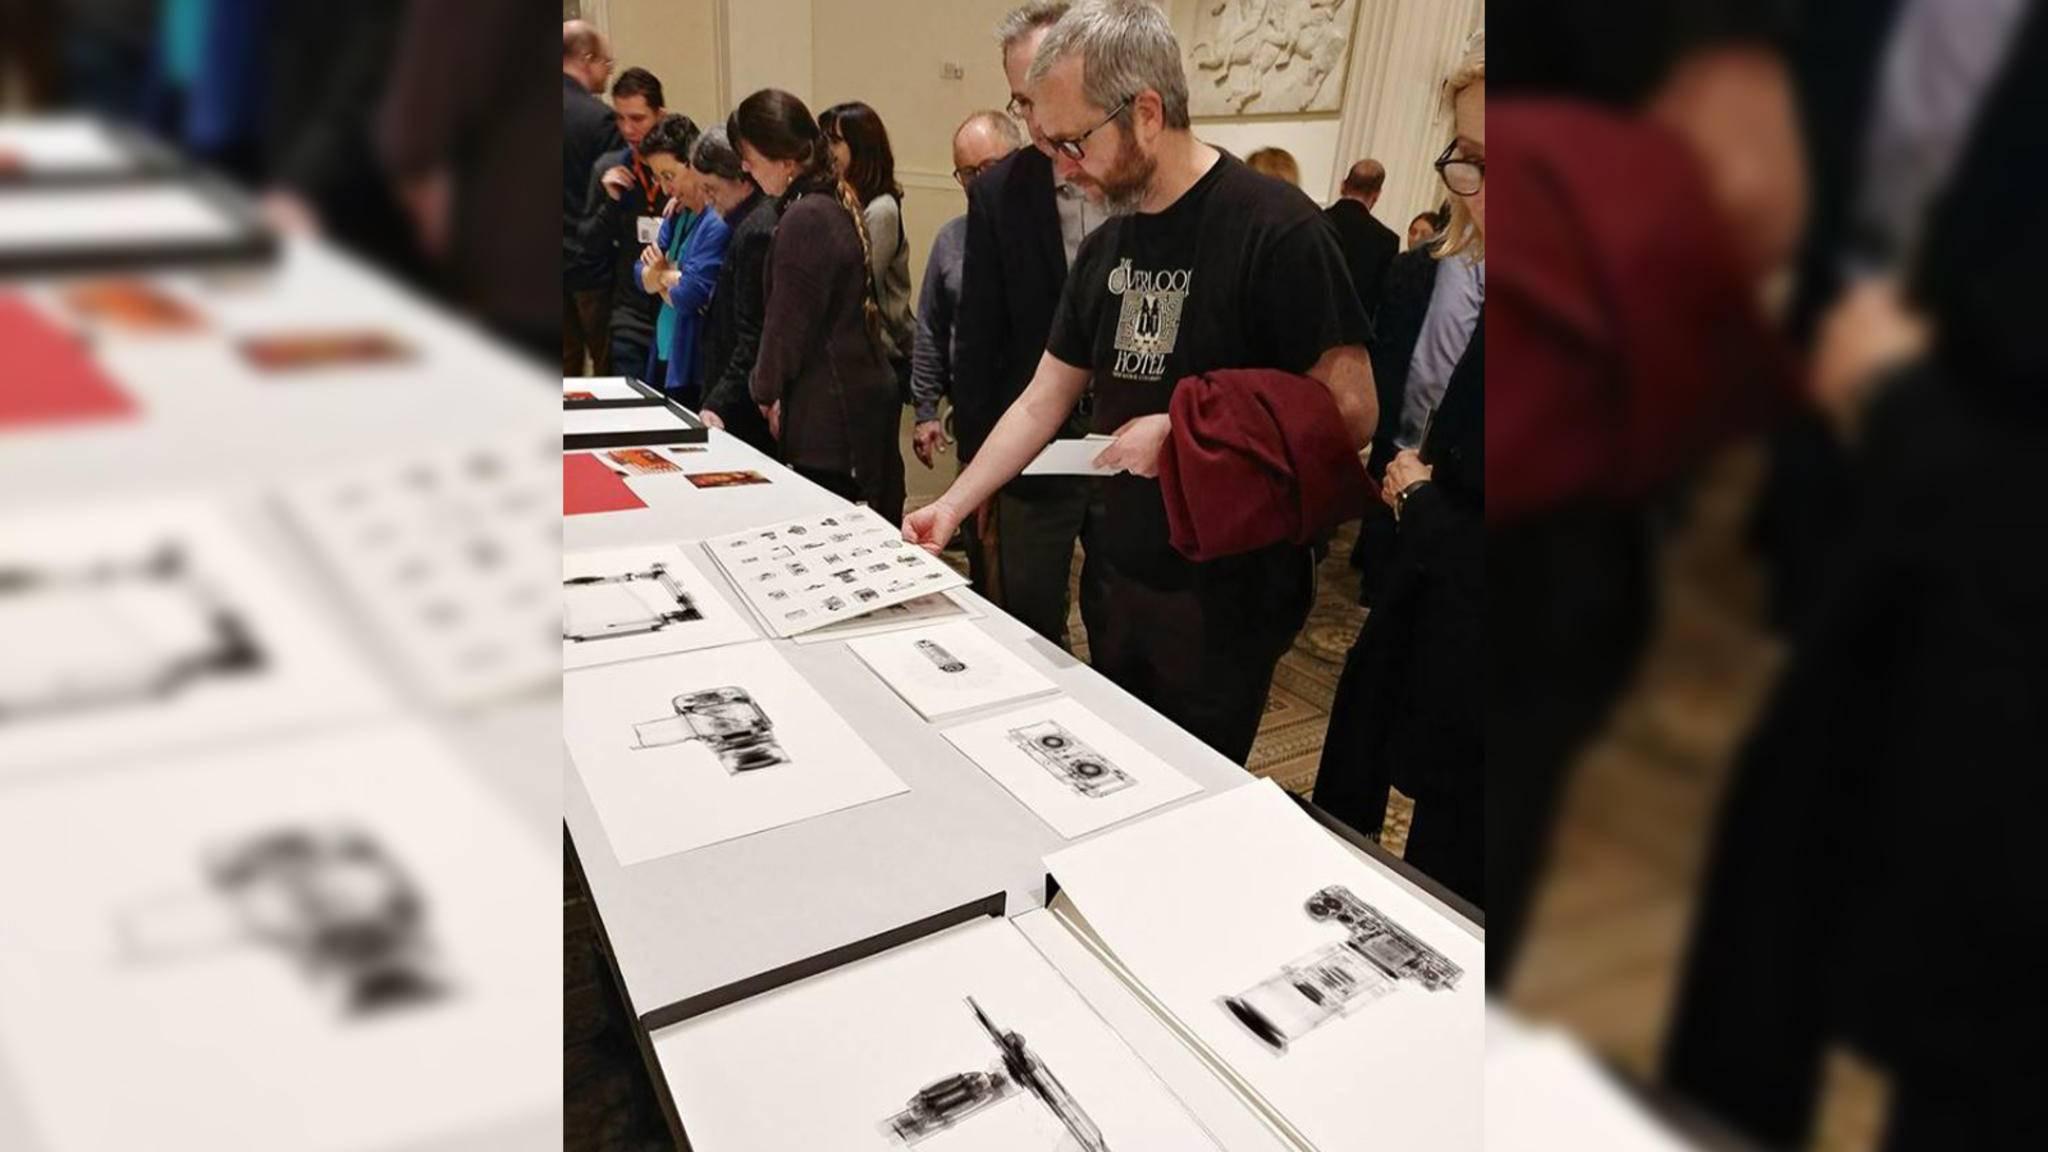 Mit seinen ungewöhnlichen Aufnahmen fasziniert Kent Krugh auch die Besucher von Fotoausstellungen.